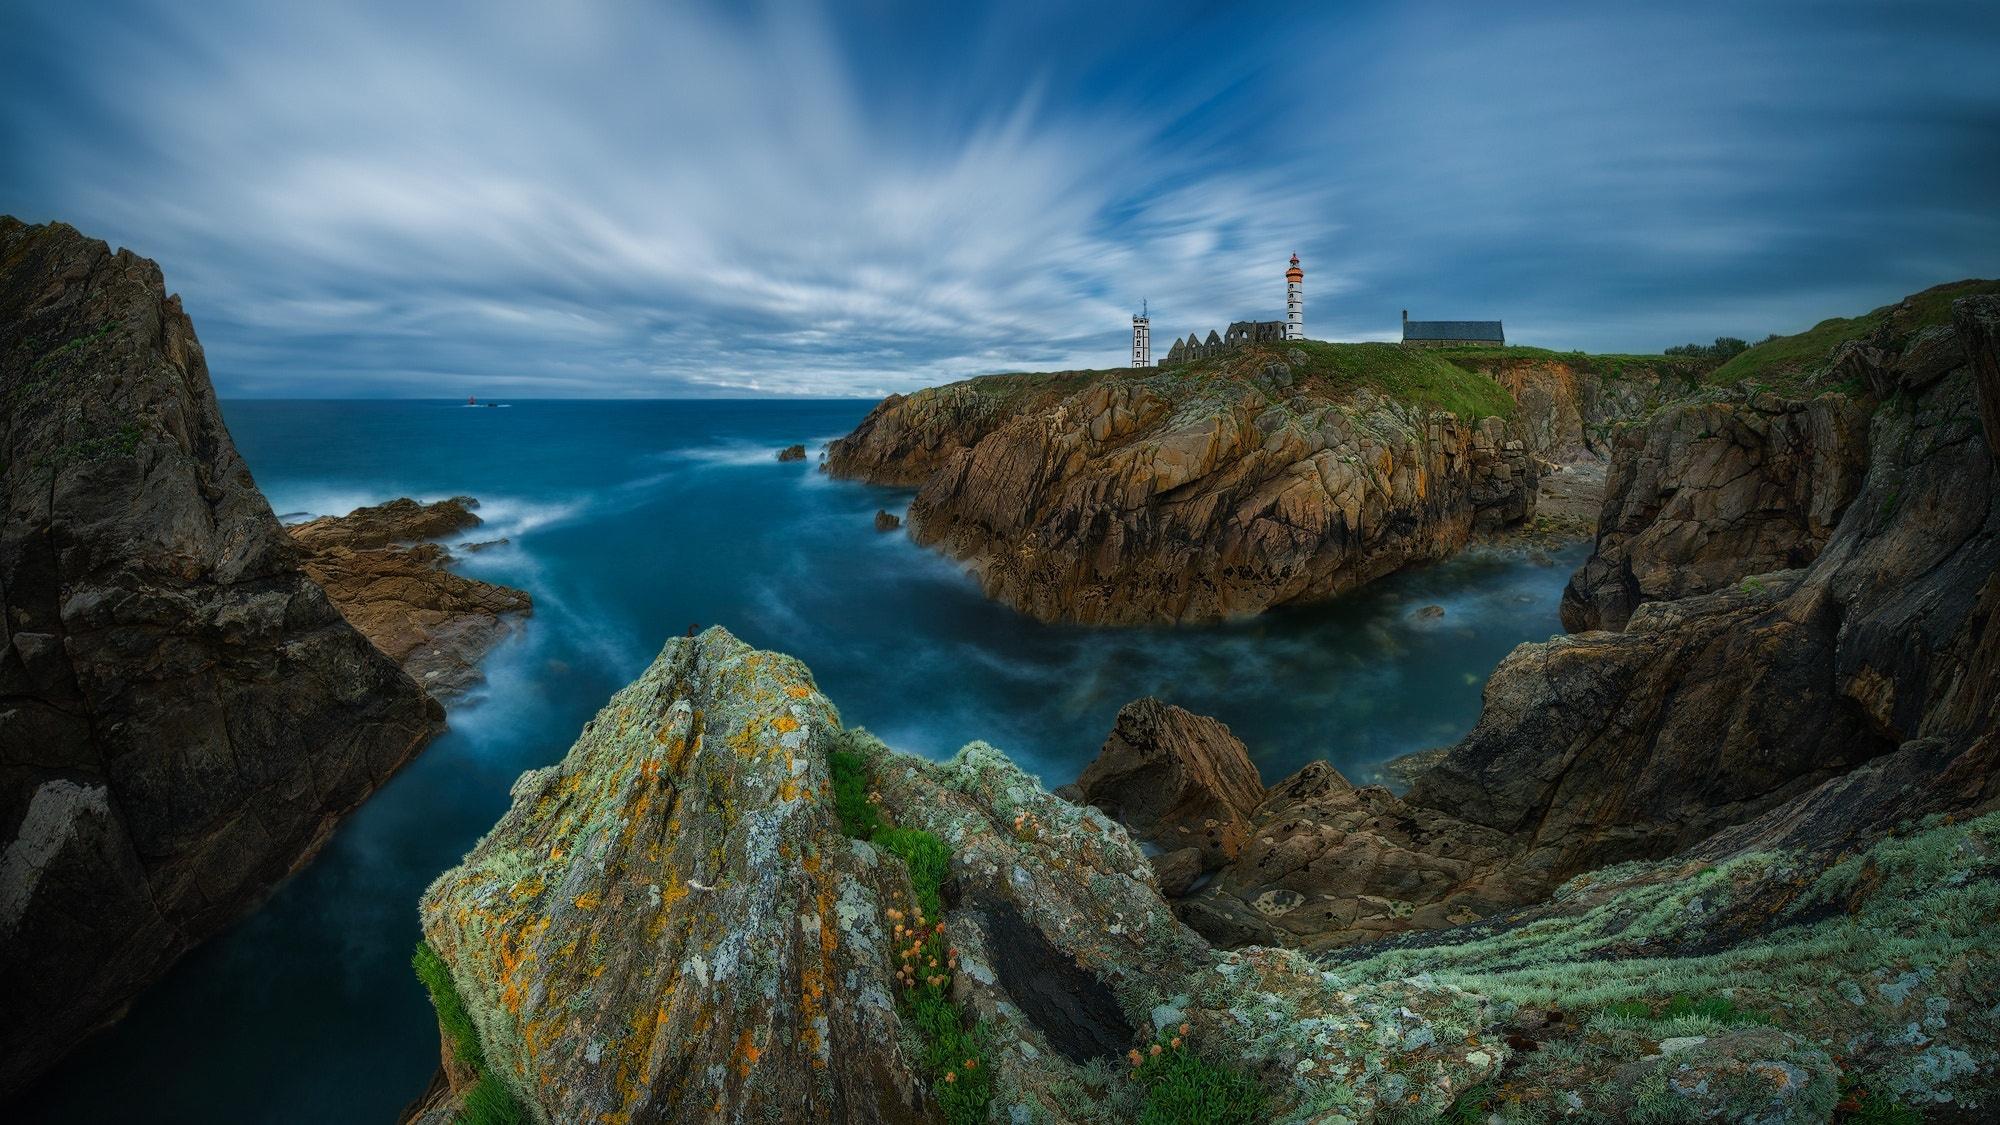 природа маяк море скалы  № 2238419 загрузить